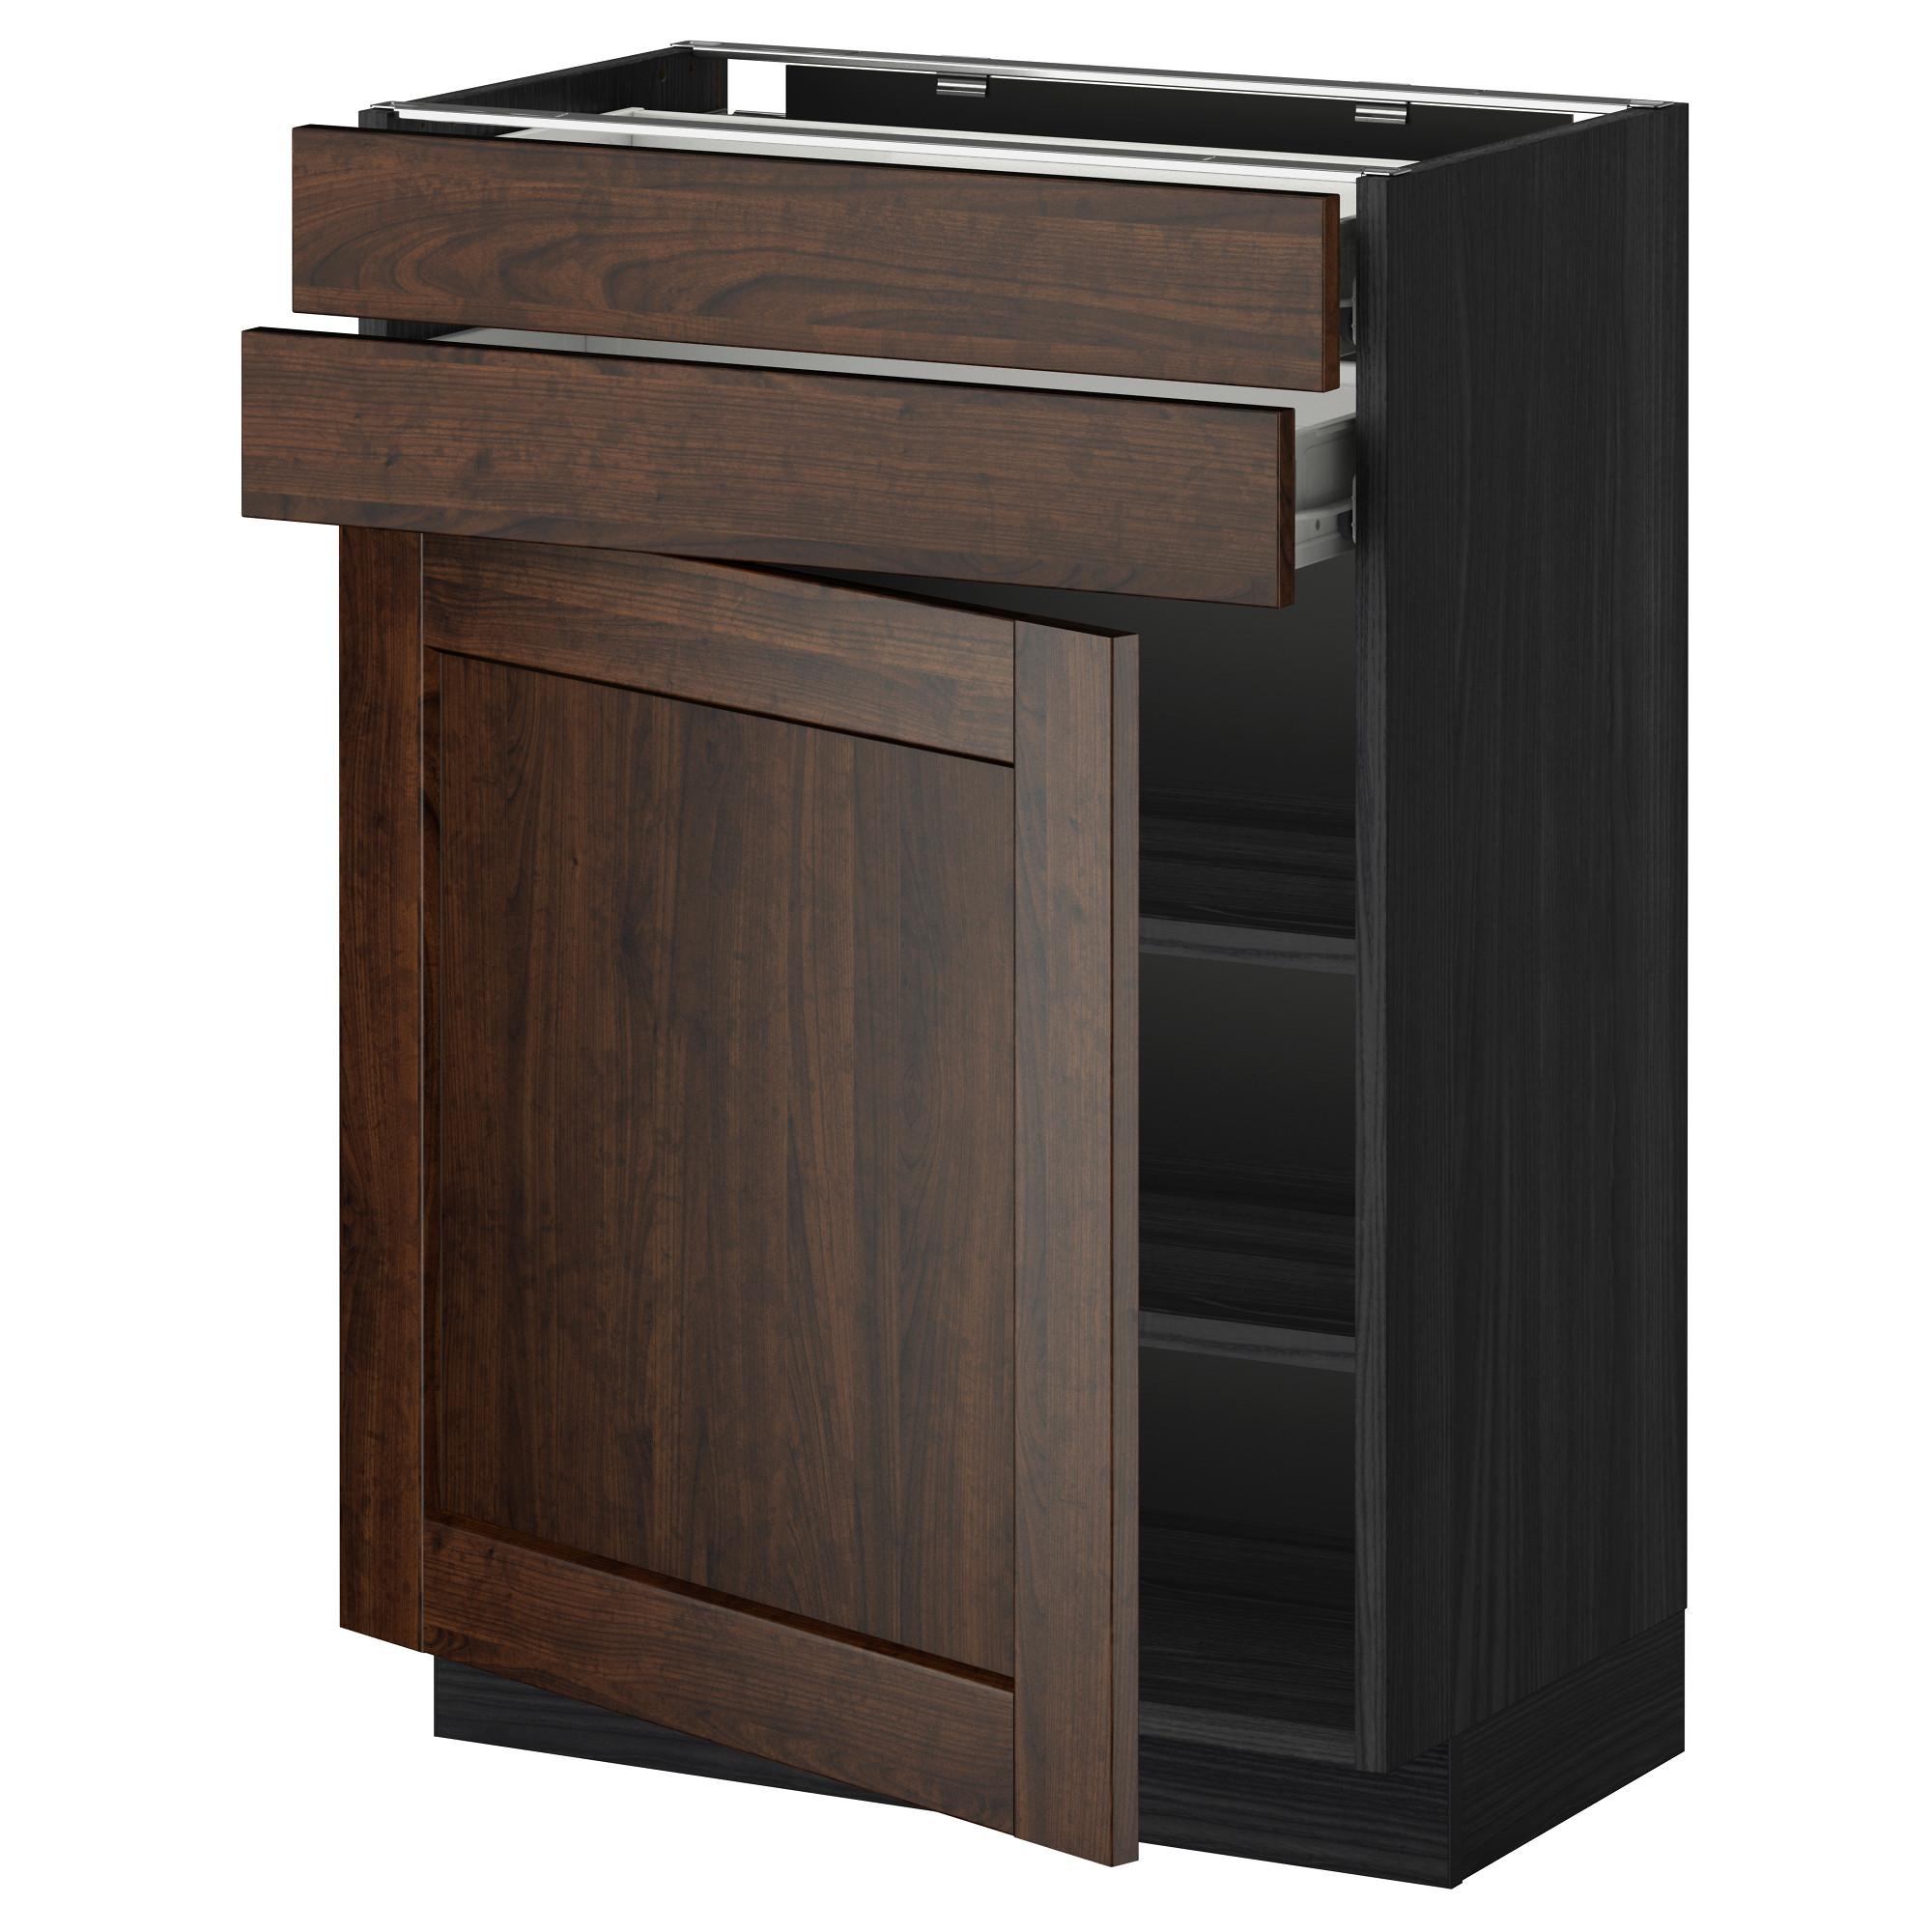 Напольный шкаф с дверцей, 2 ящиками МЕТОД / ФОРВАРА черный артикуль № 390.261.41 в наличии. Онлайн магазин ИКЕА РБ. Недорогая доставка и установка.